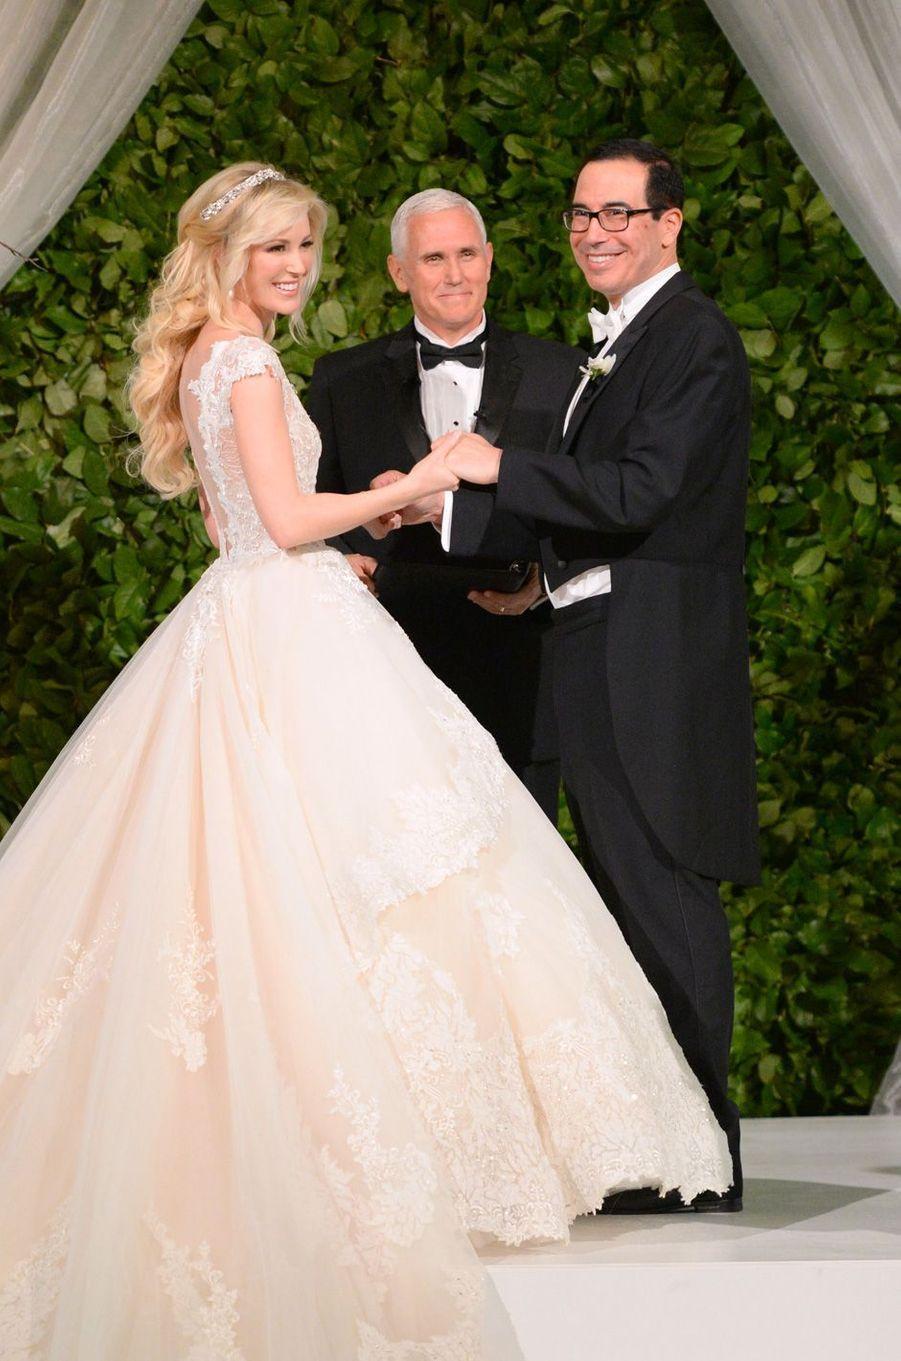 Le vice-président Mike Pence officiant le mariage de Steve Mnuchin et Louise Linton, le 24 juin 2017.